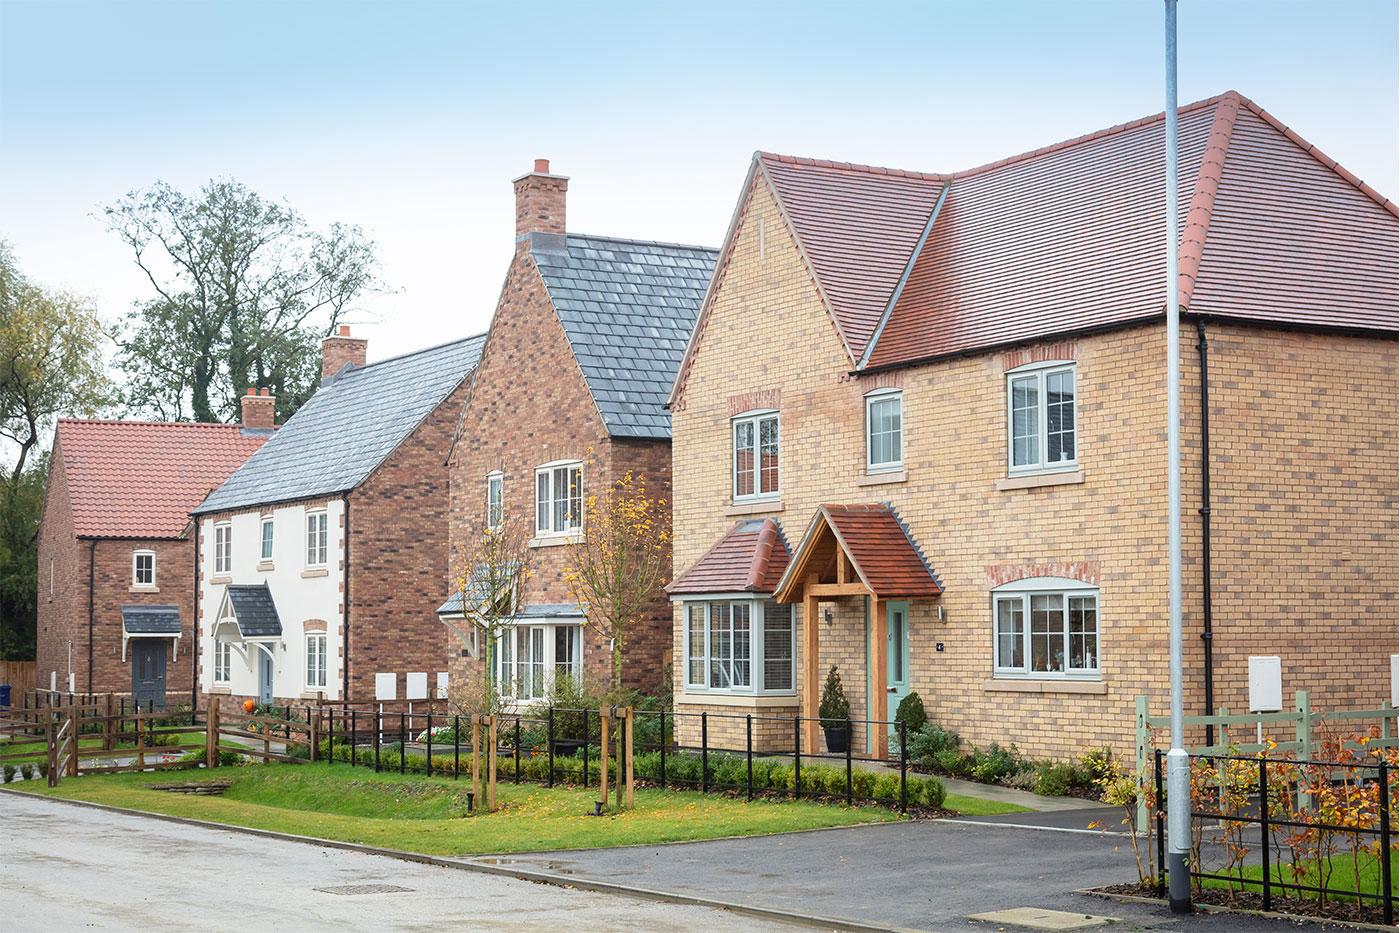 New homes on Lodge Lane in Nettleham